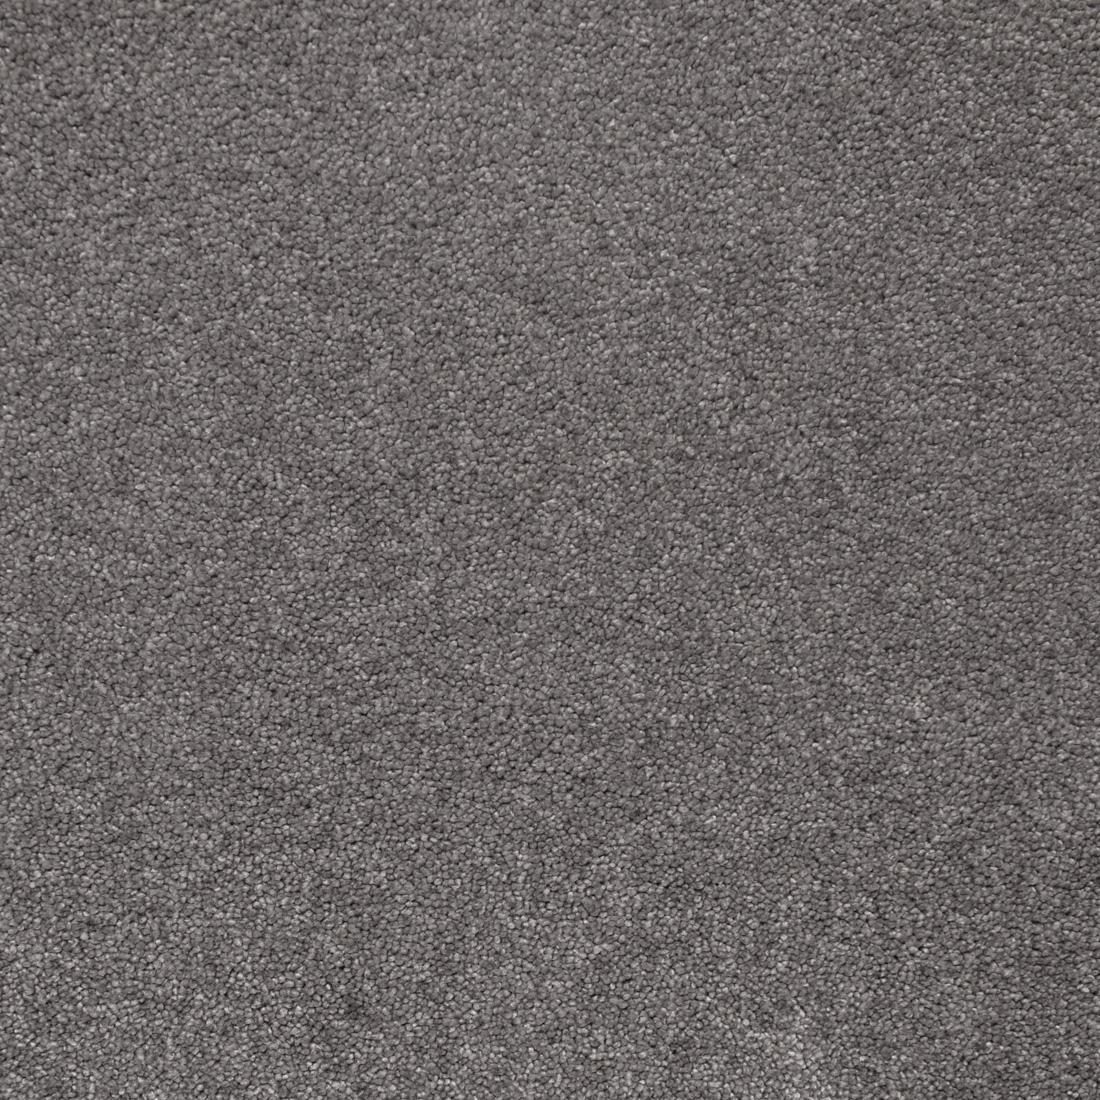 Vloerkleed Xilento Shine Mid Grey